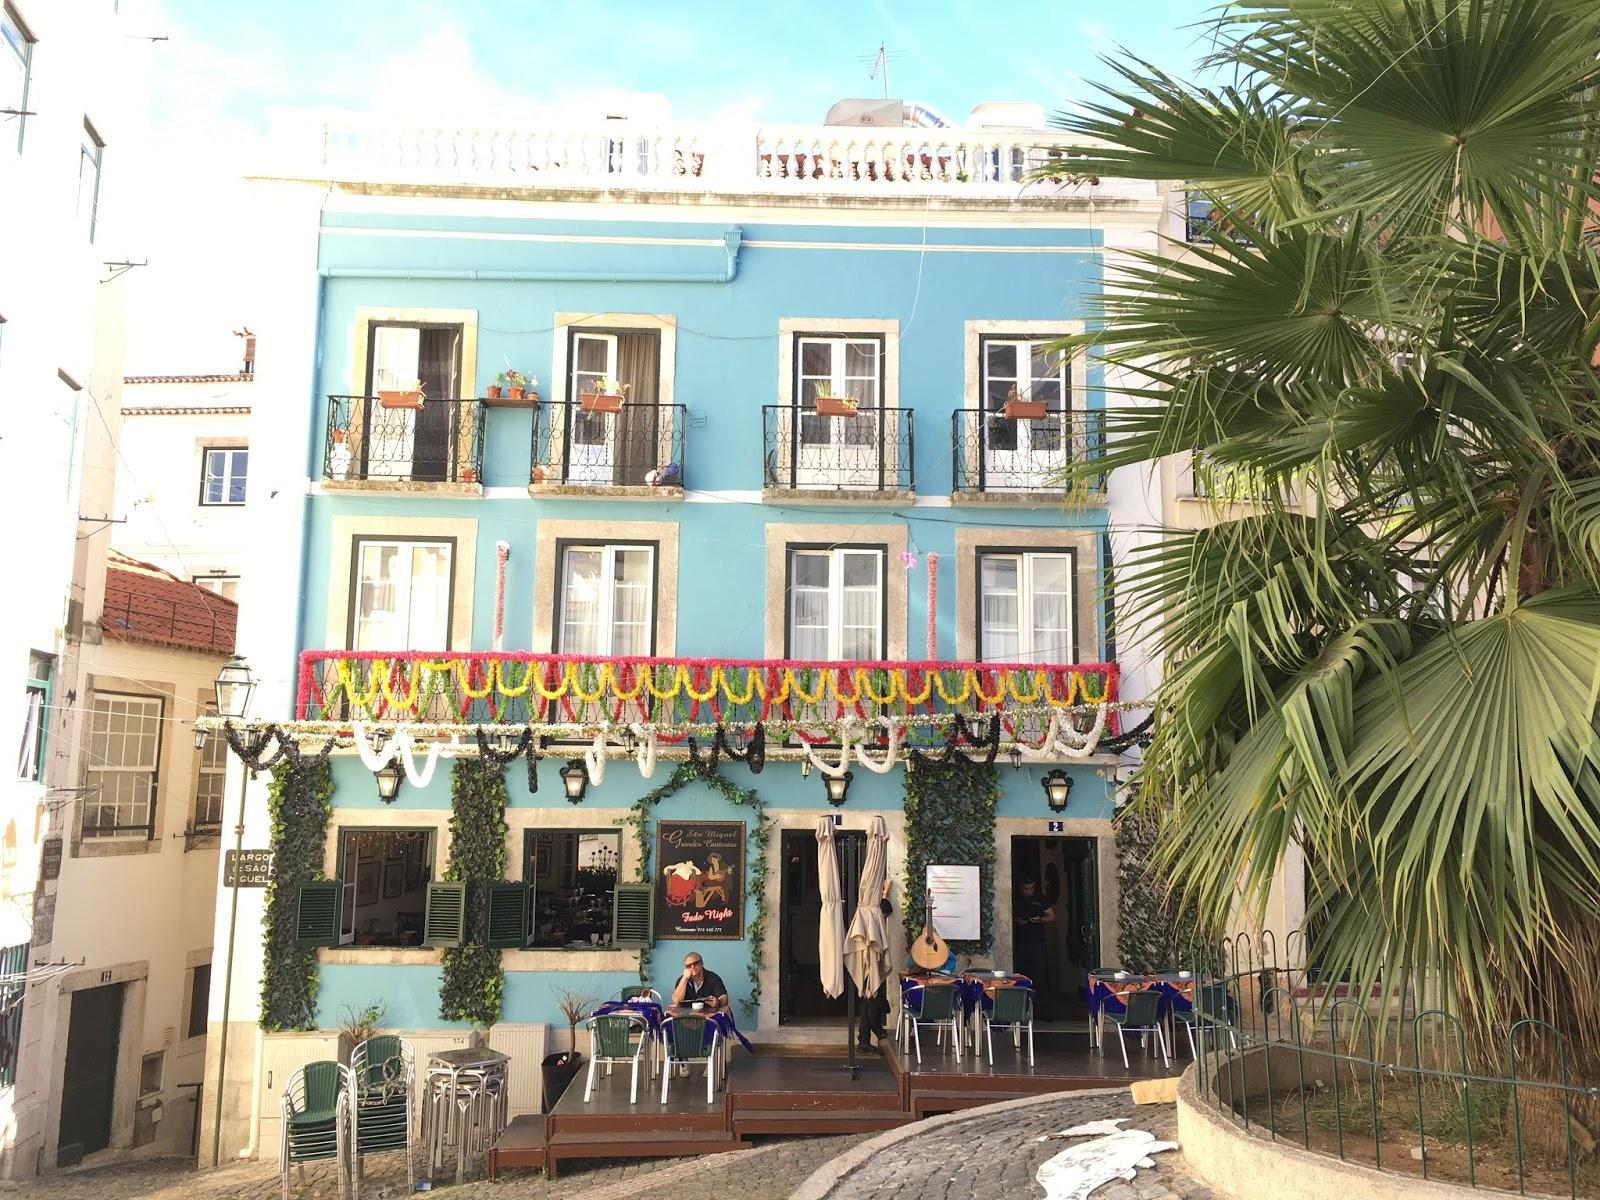 Lisbon, Lisabon, Lisboa, Portugalsko, Portugal, Ejnets